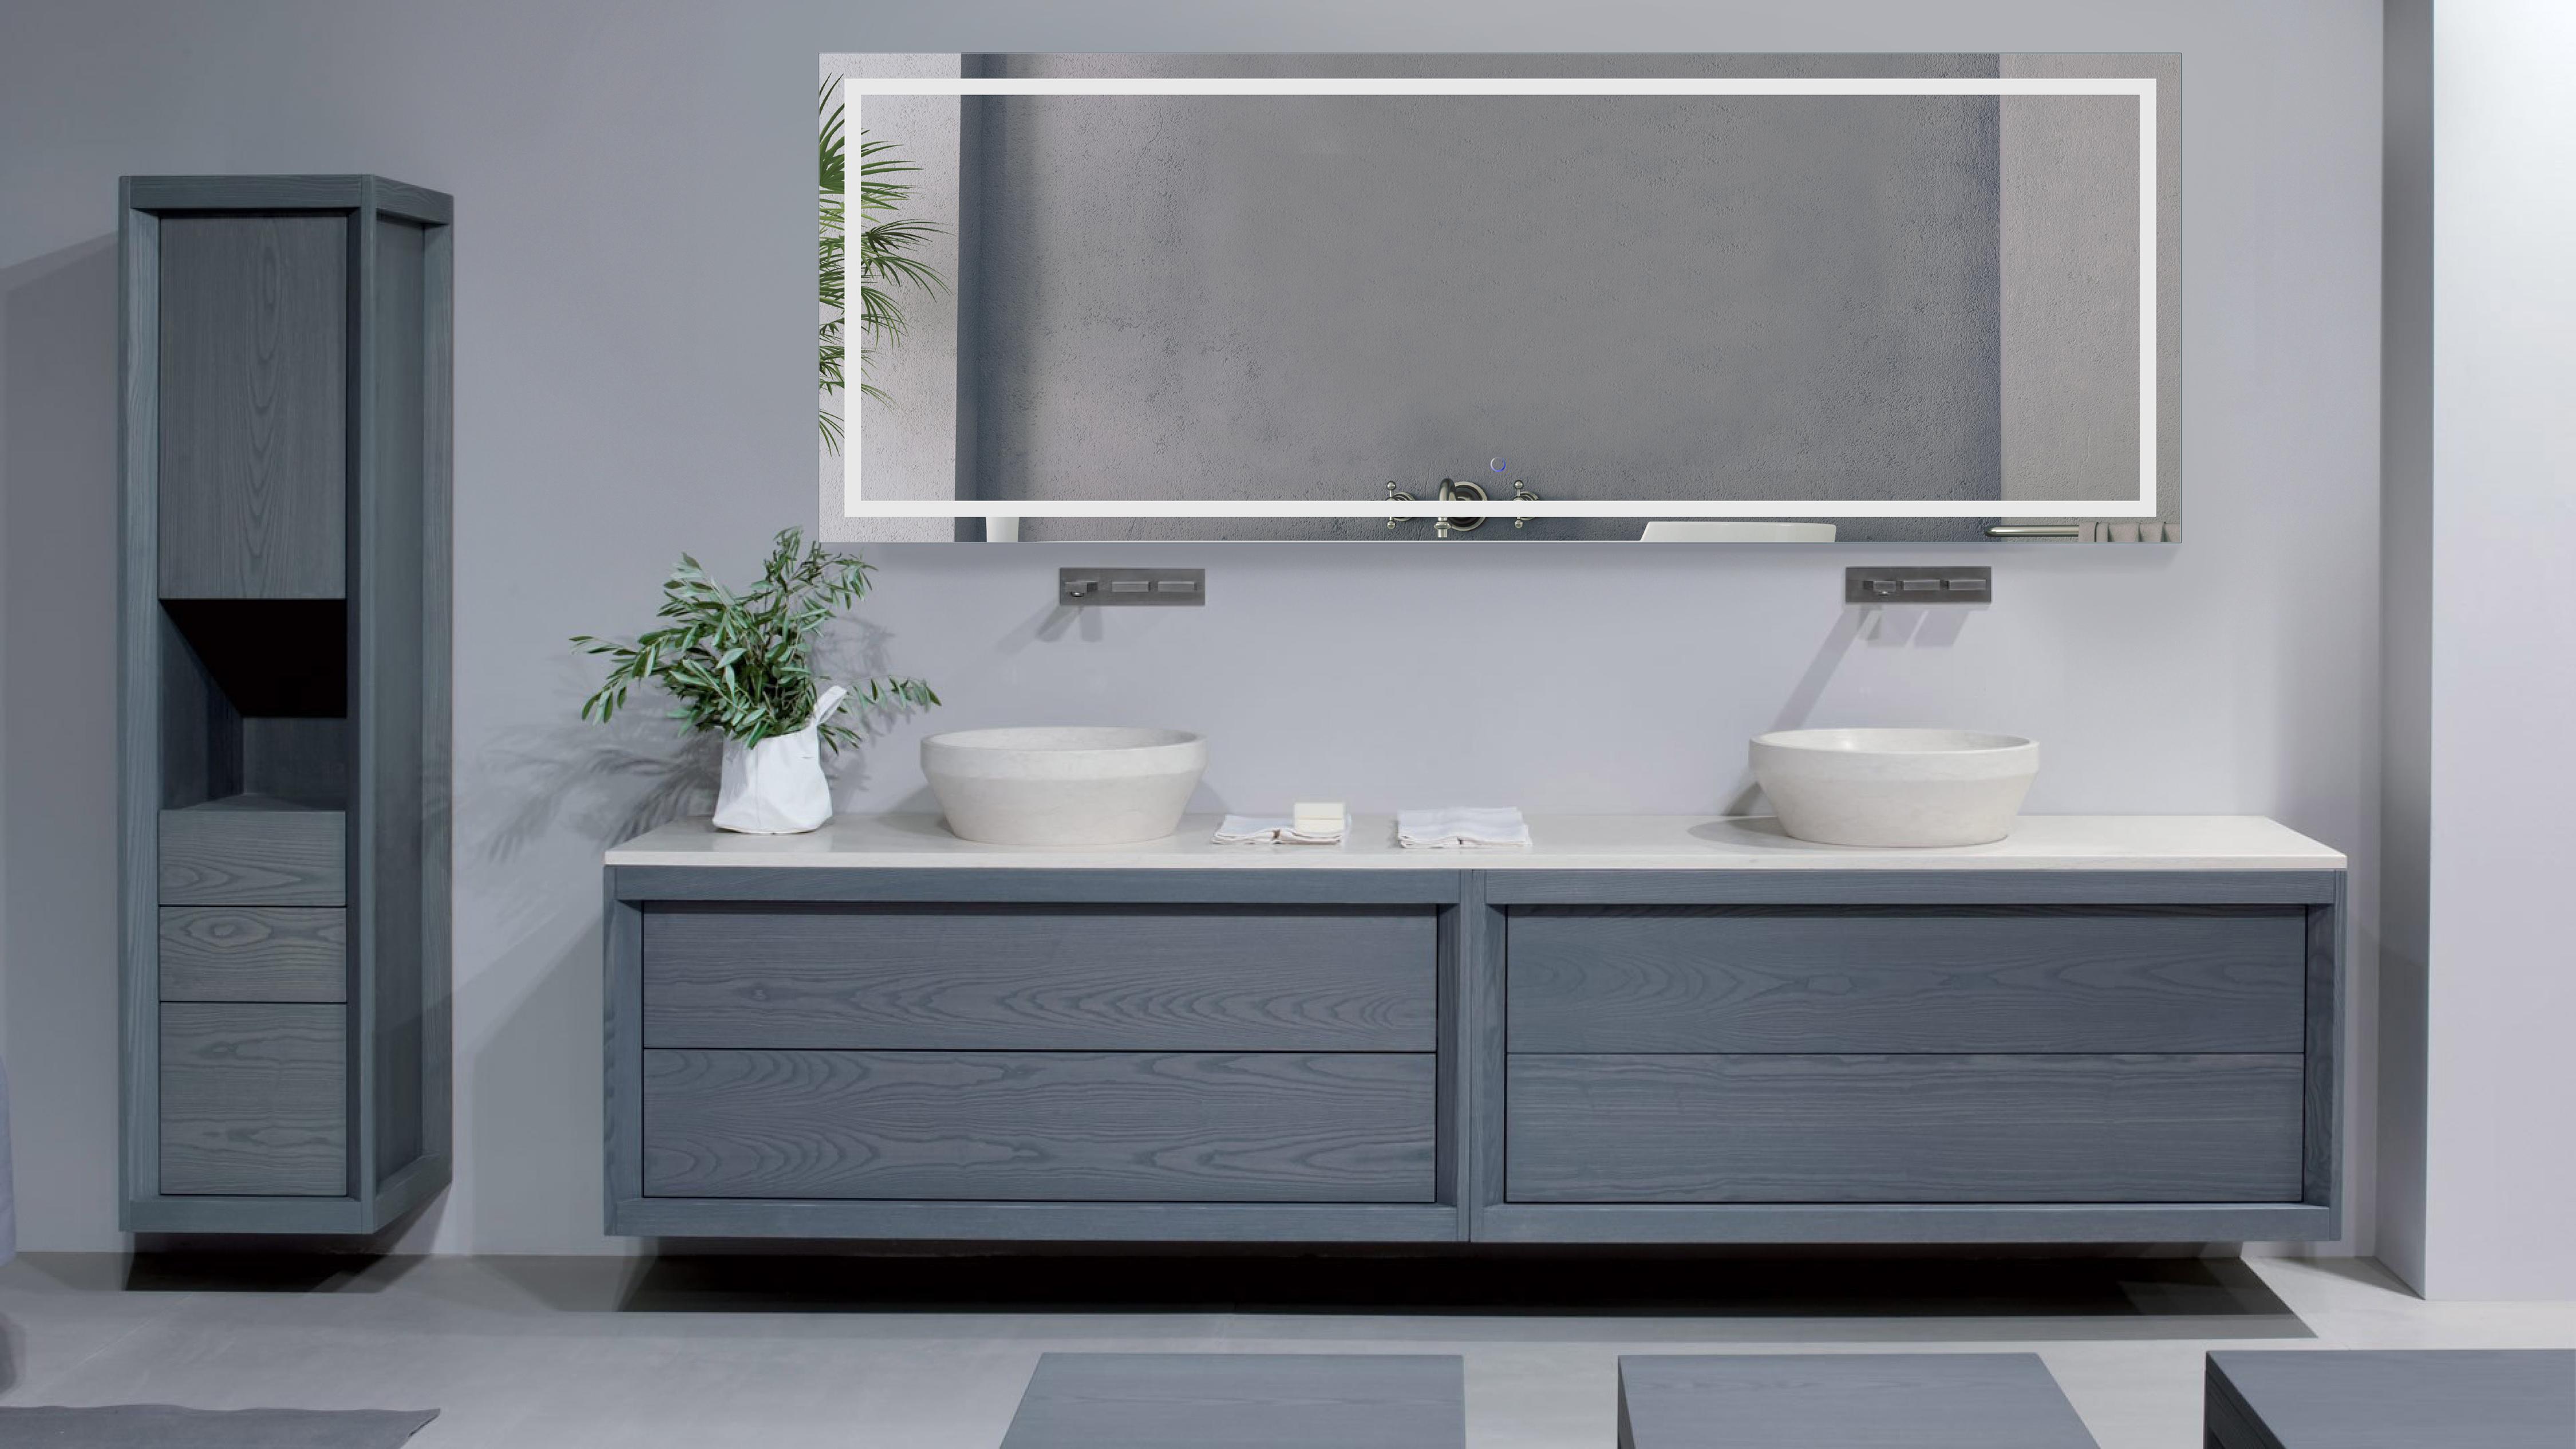 84 Inch X 30 Inch LED Bathroom Mirror